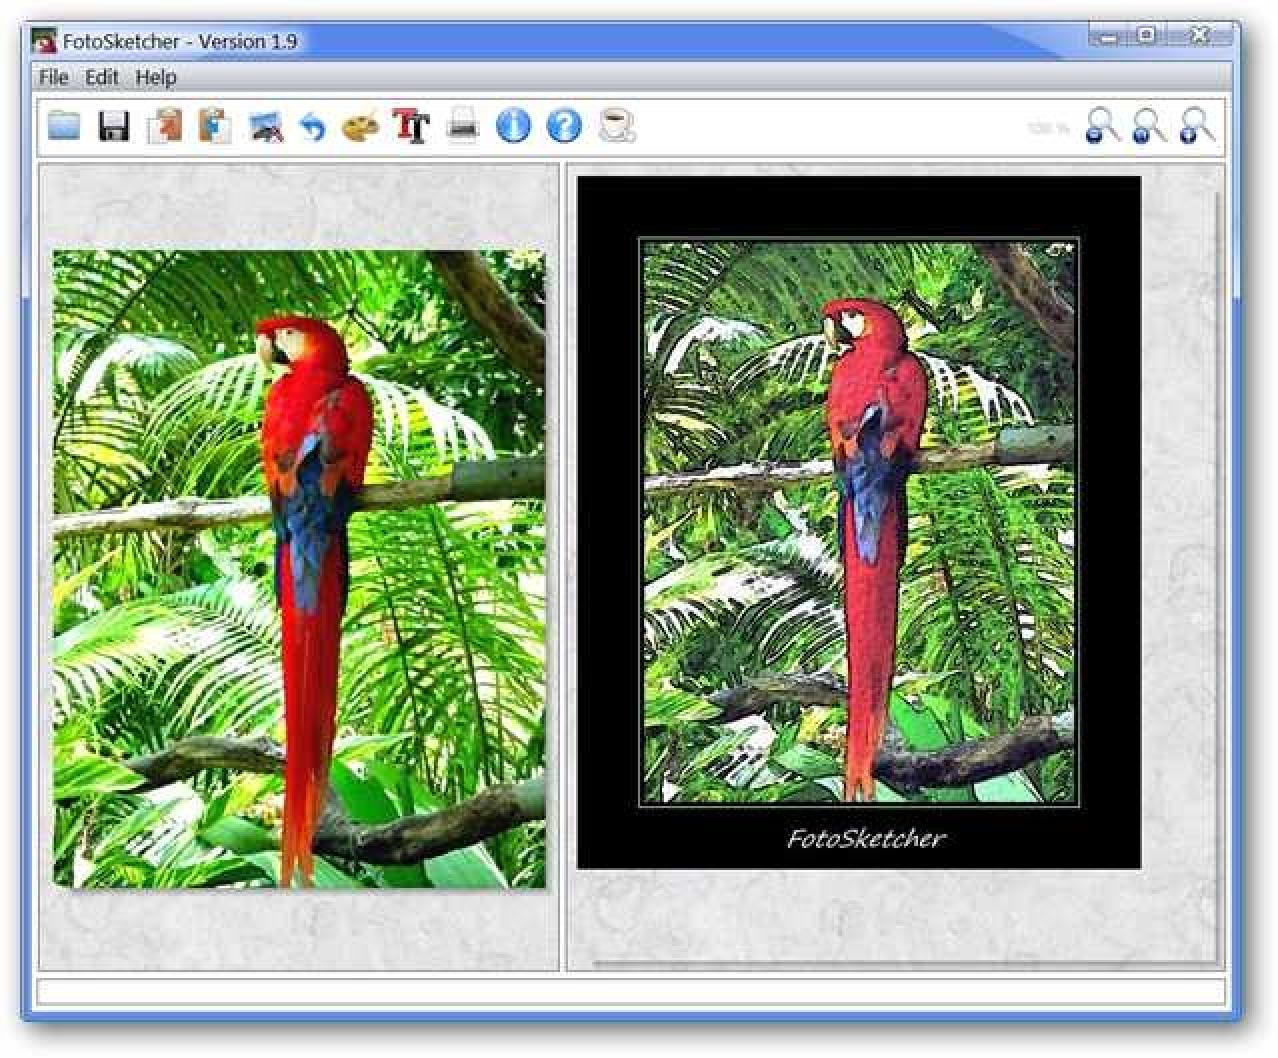 Verleihen Sie Ihrem Desktop mit FotoSketcher künstlerisches Flair